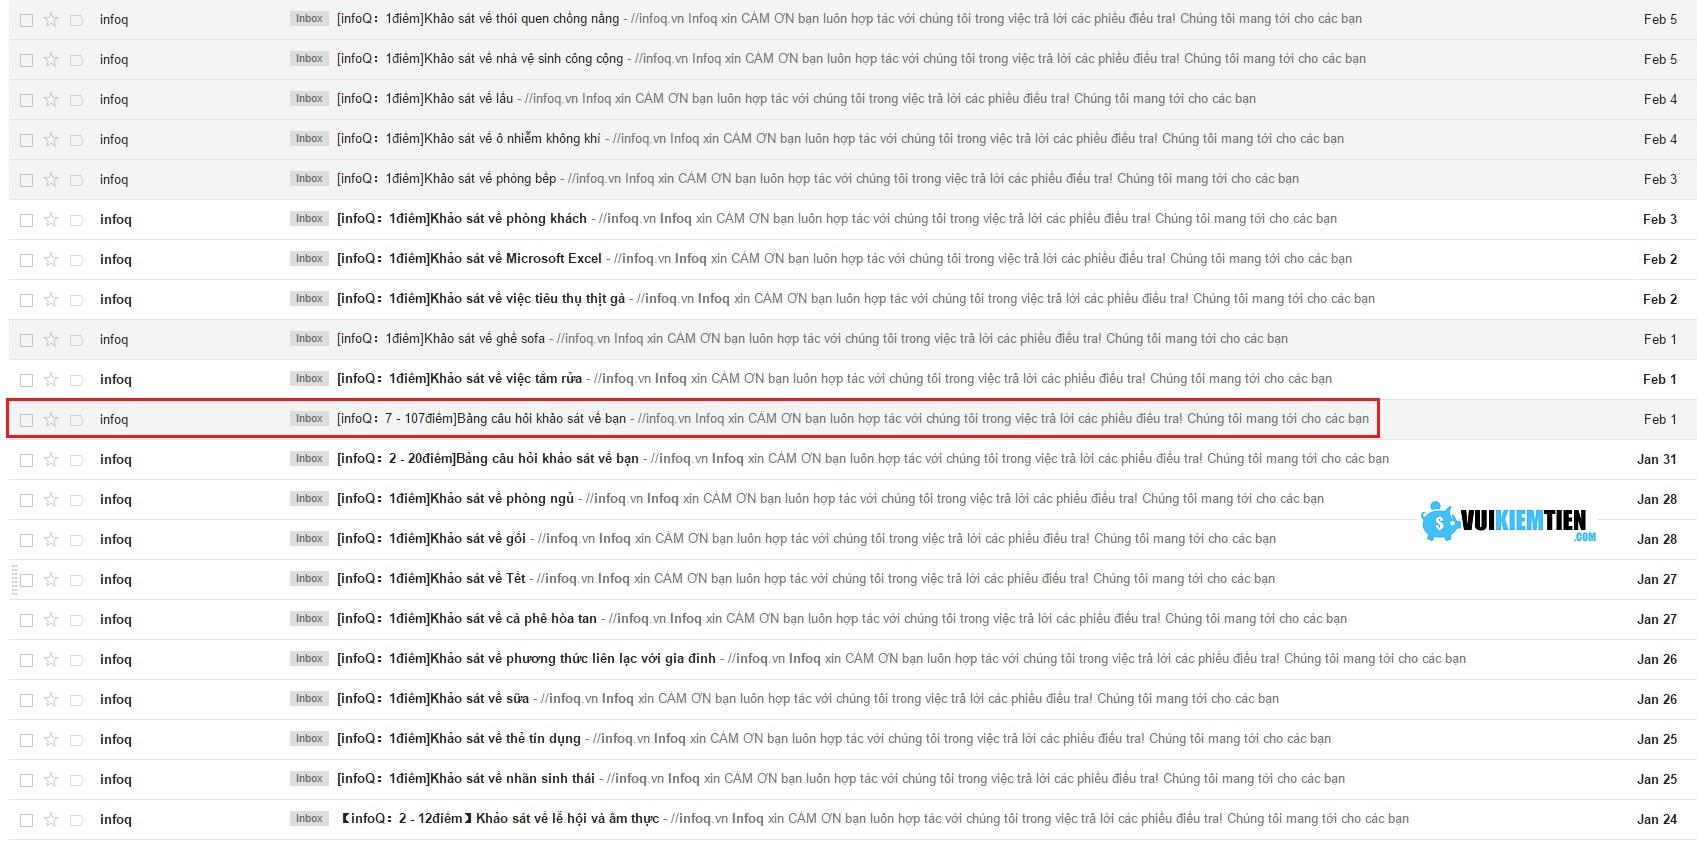 Ở trang chủ của Vinaresearch có khá nhiều bài khảo sát rồi. Nhưng rất hay là bạn hãy thường xuyên kiểm tra hòm thư email bạn dùng để đăng ký tài khoản. Họ rất thường xuyên gửi thêm các bài khảo sát mời bạn tham gia ở đây.